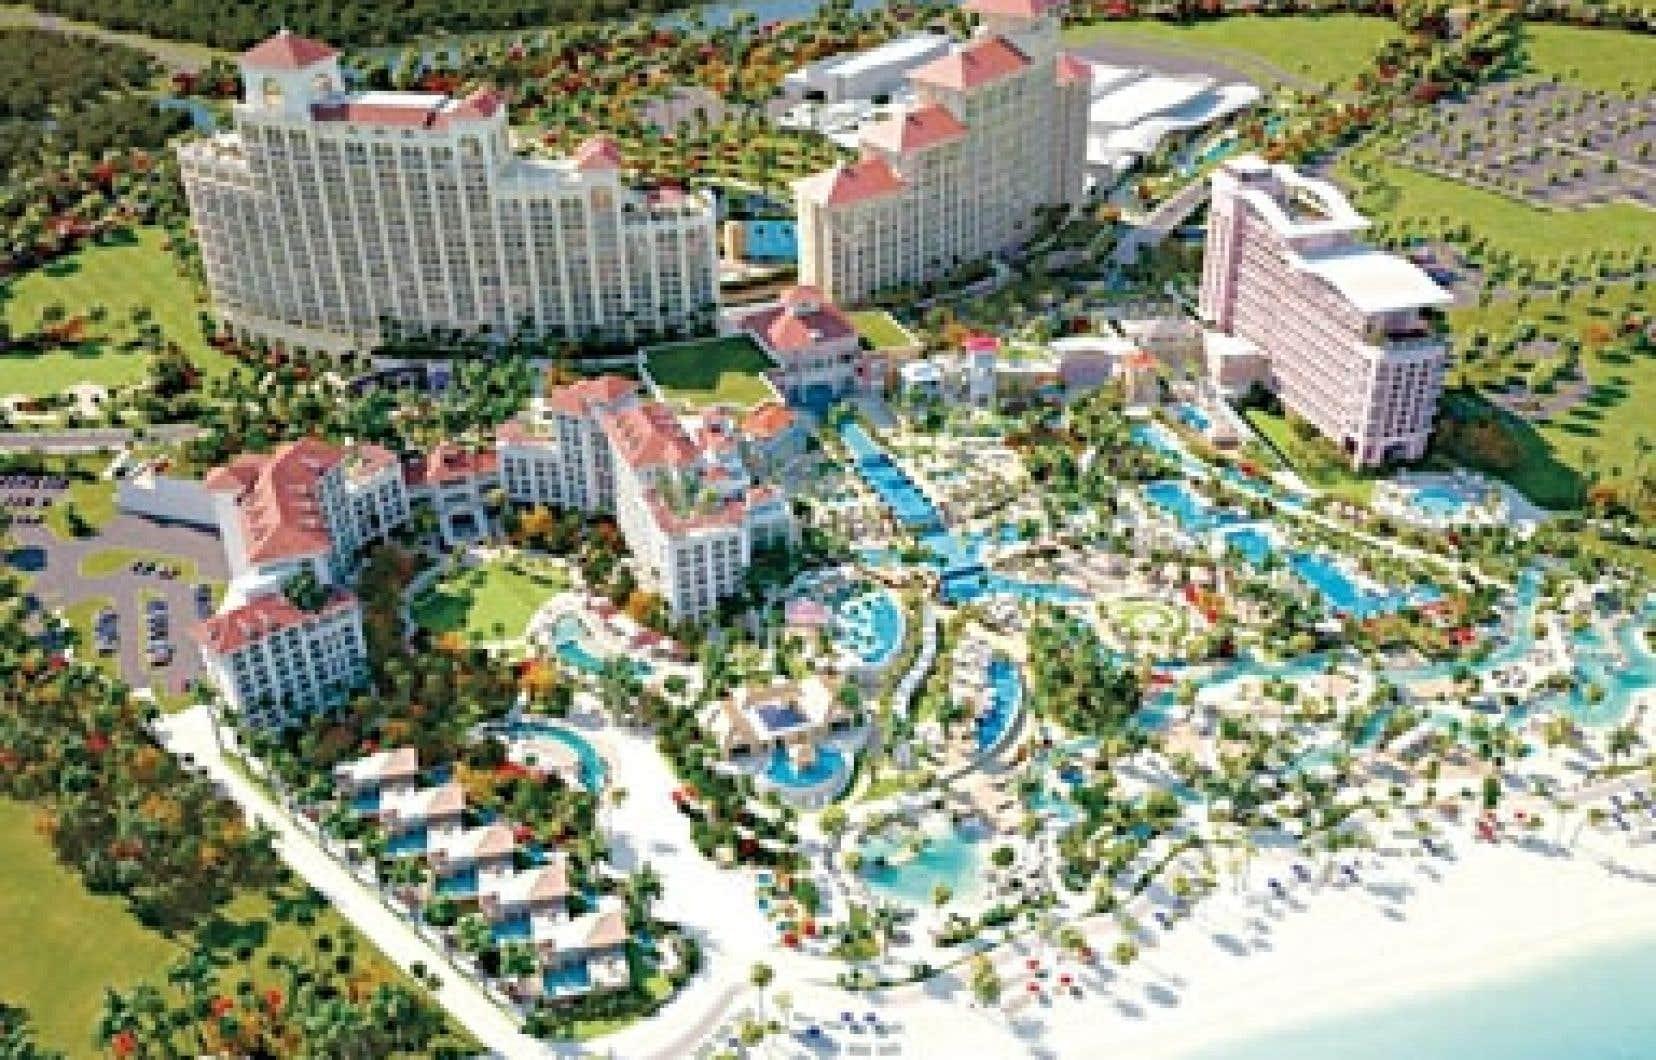 Le Baha Mar, mégaprojet chinois de 3,5 milliards modélisé ci-dessus, devrait être ouvert pour les vacanciers en décembre prochain.